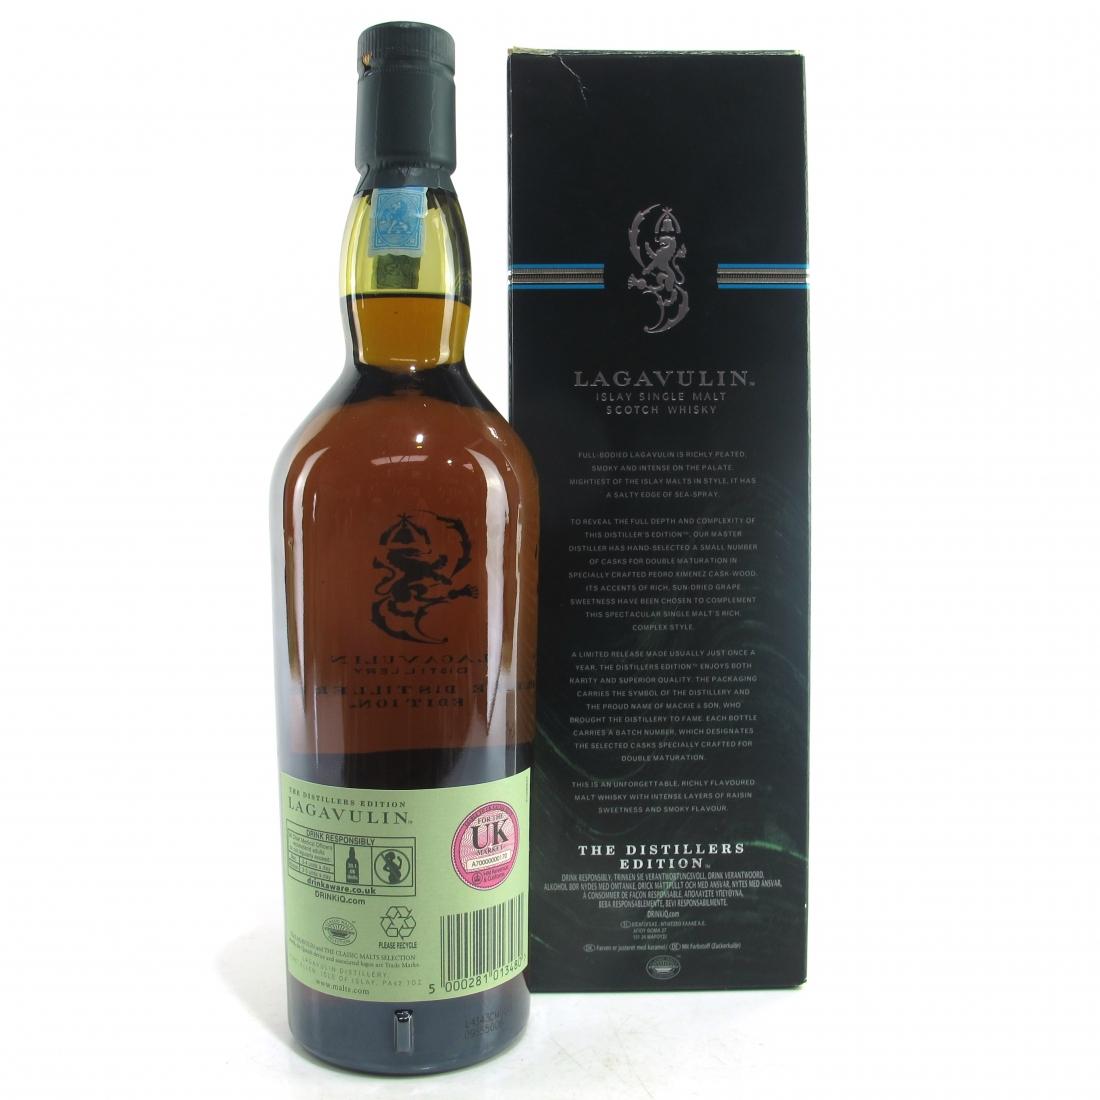 Lagavulin 1998 Distillers Edition 2014